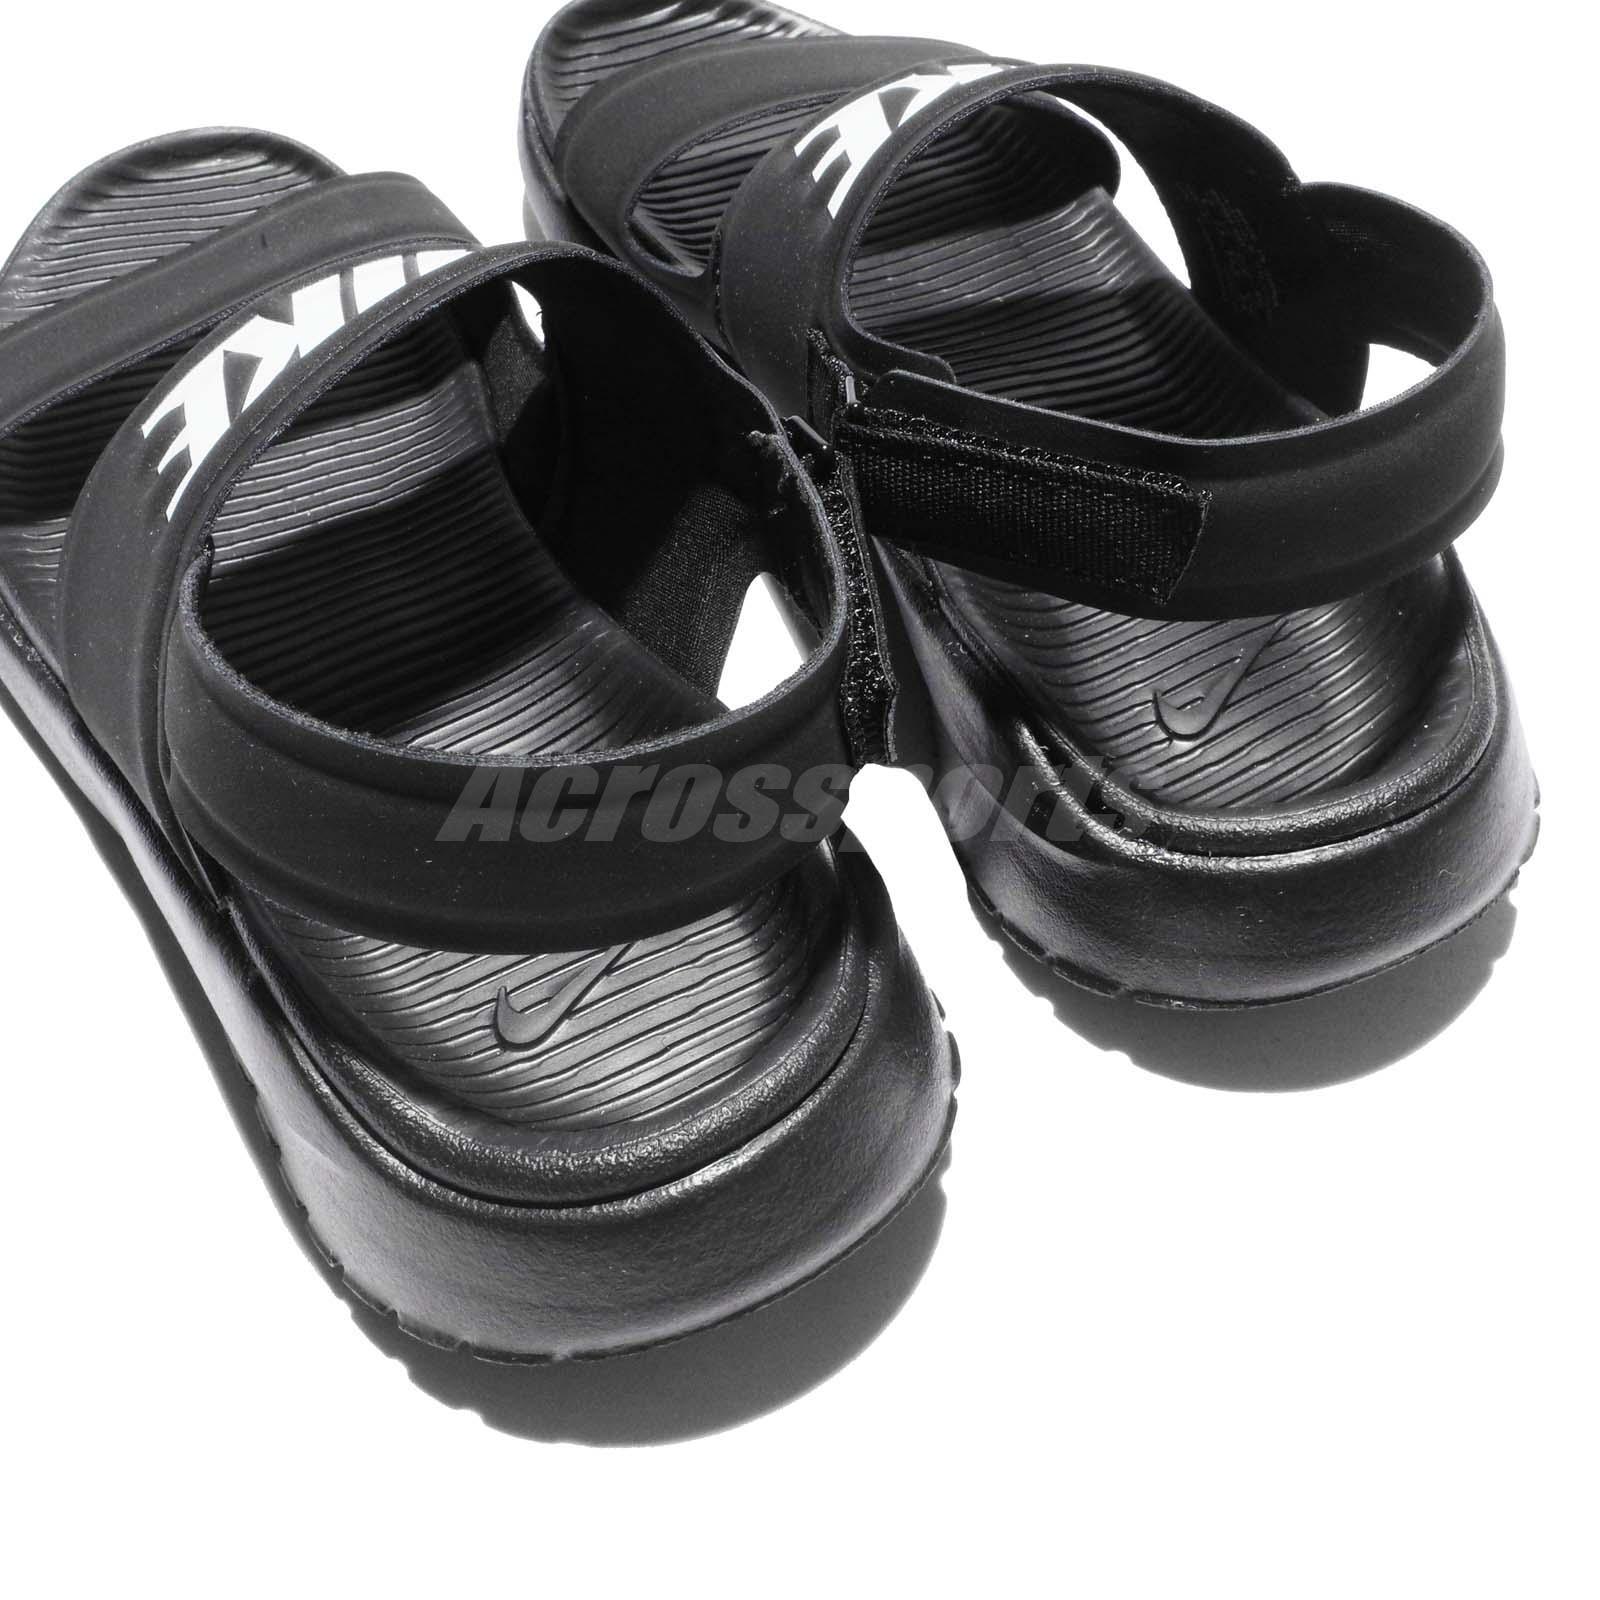 Wmns Nike Tanjun Sandal Black White Womens Fashion Sandals ...